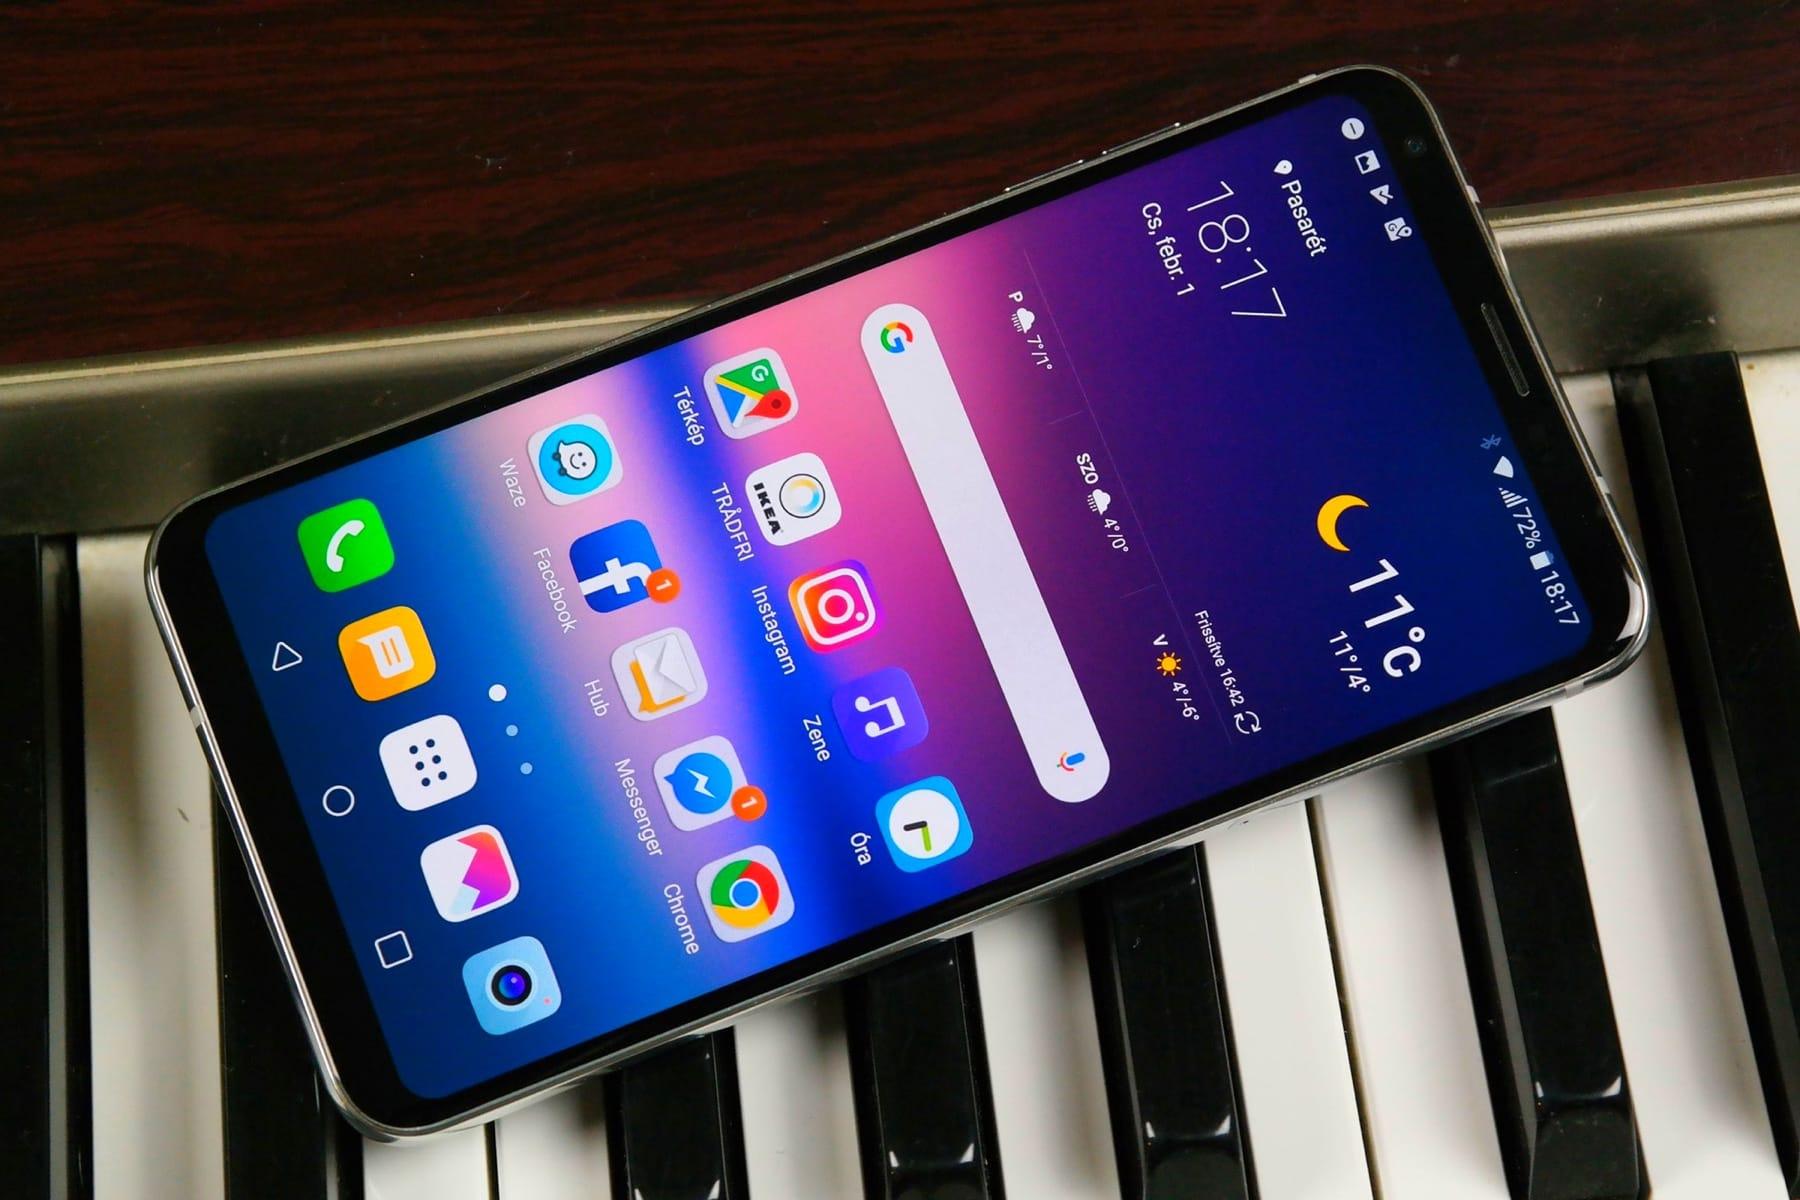 LGподтвердила, что новый смартфон получит названиеLG Q7